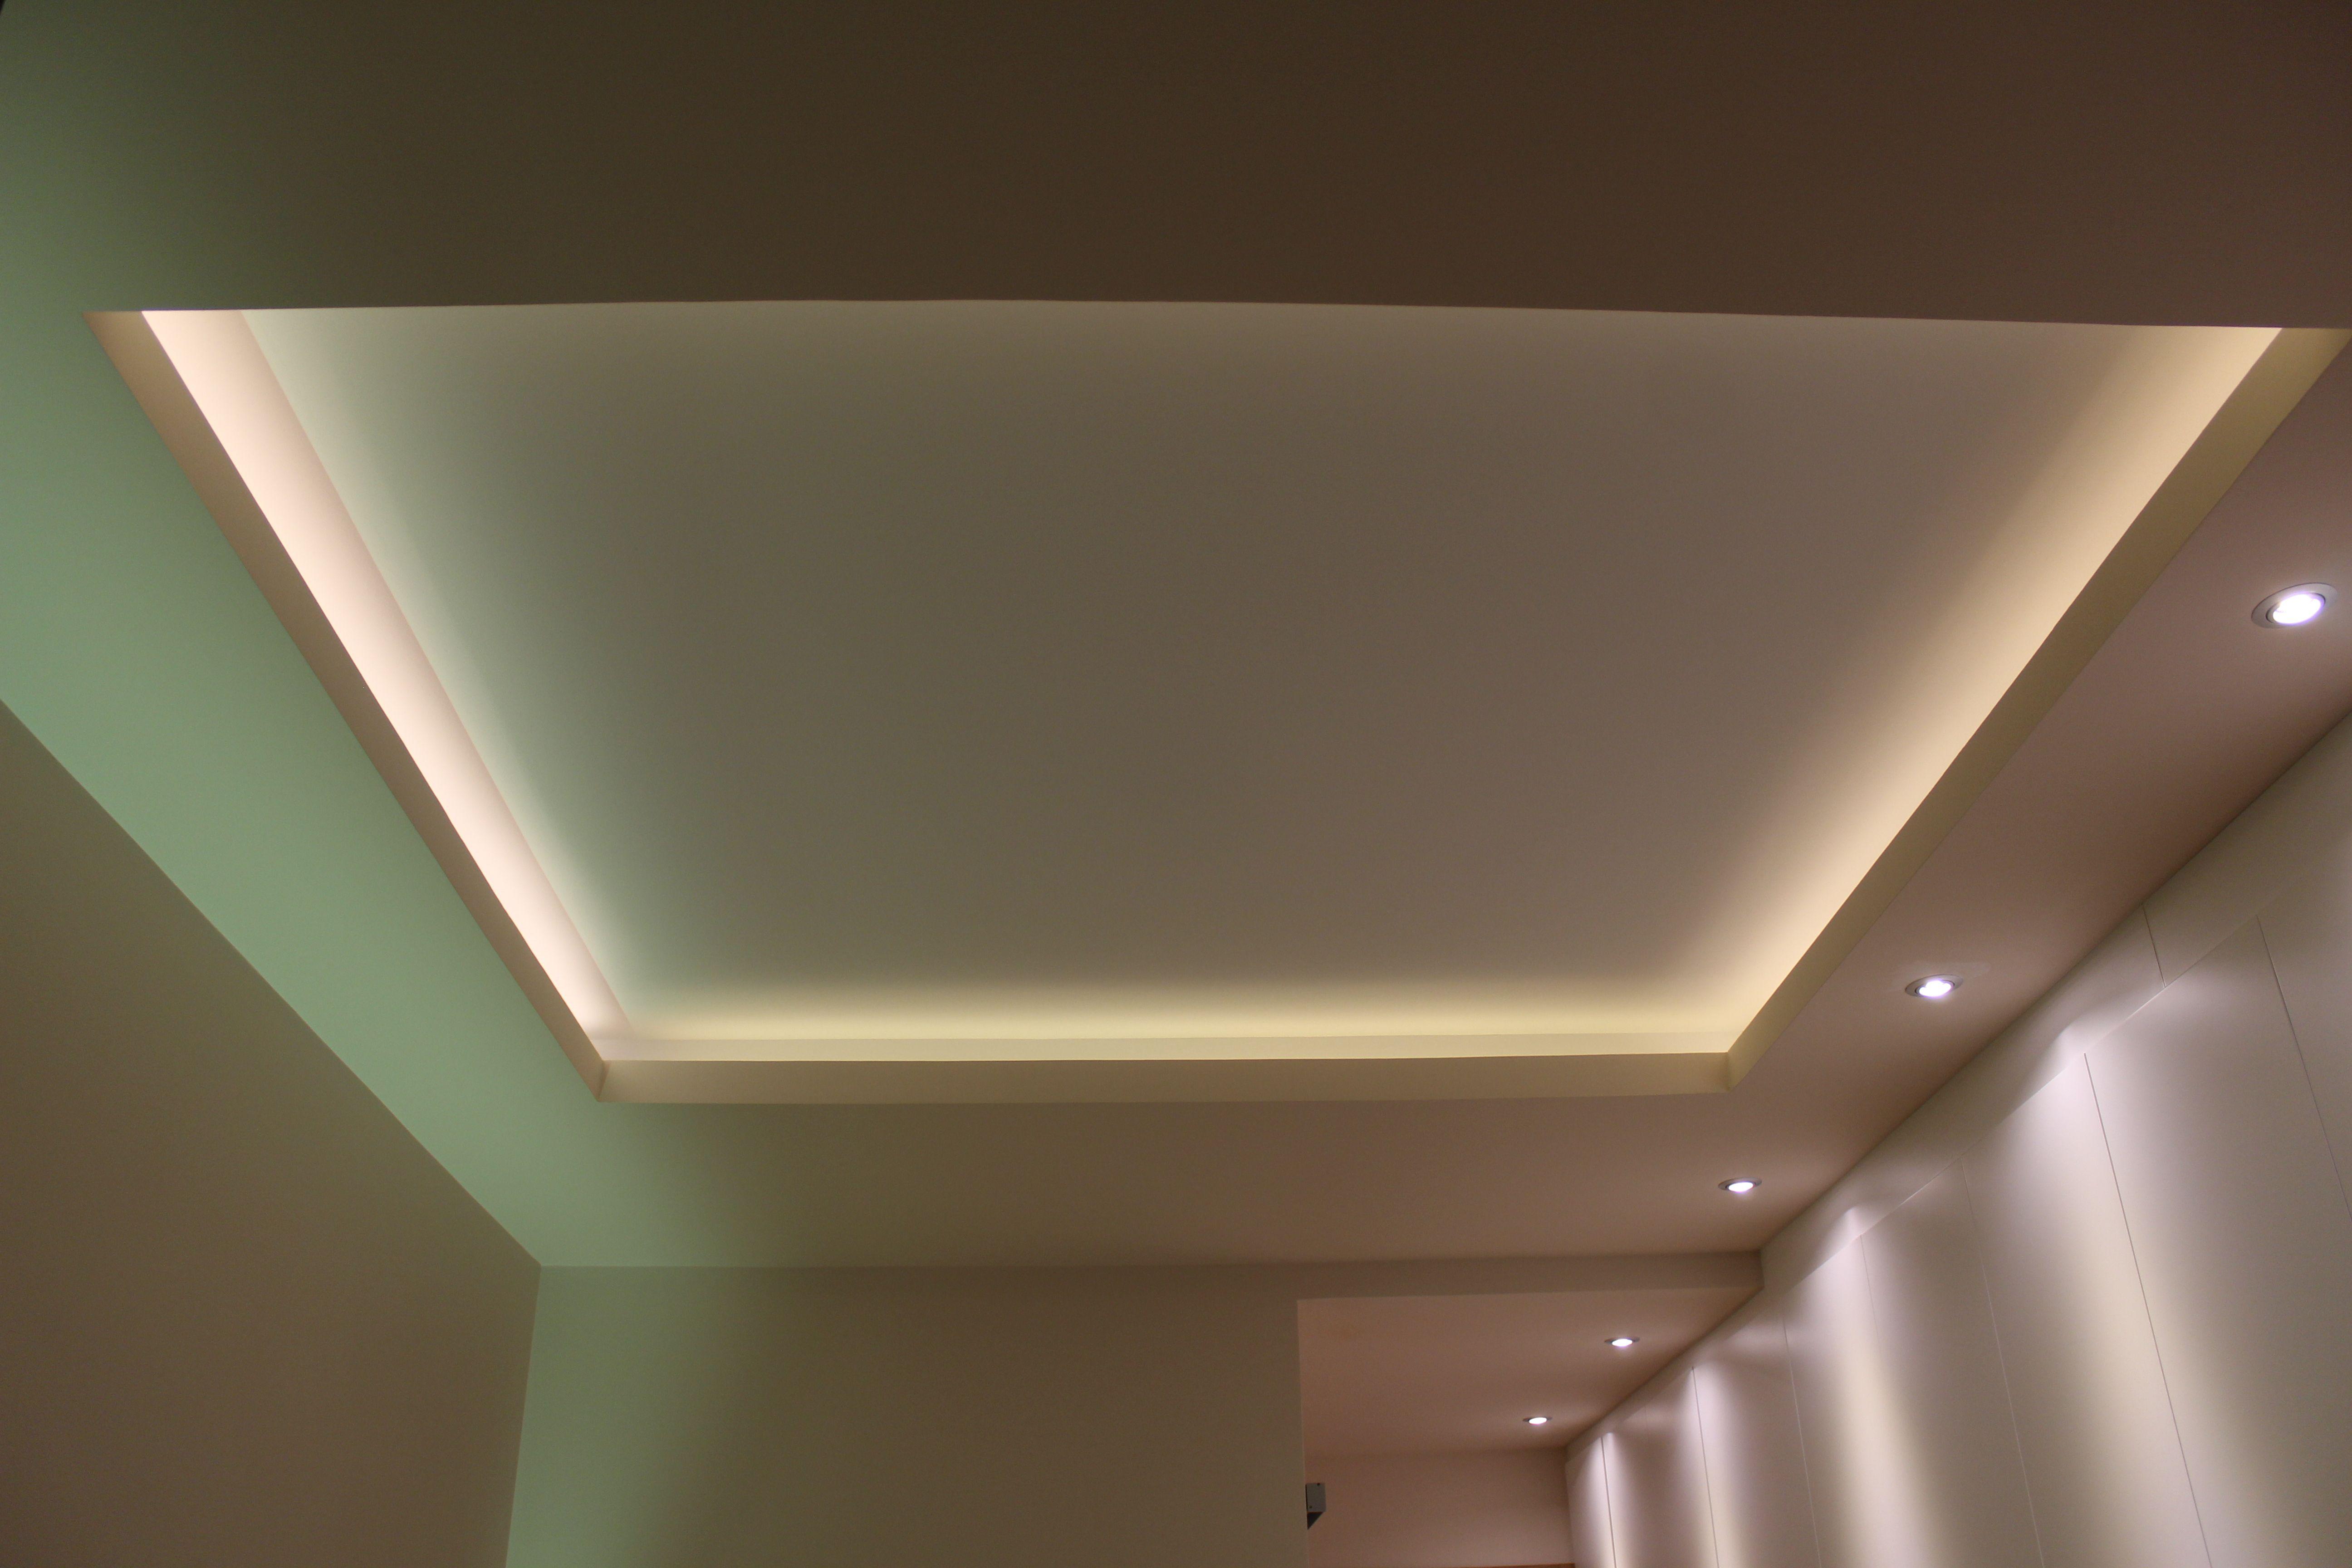 Pin de ana portillo en ideas para el hogar pinterest - Iluminacion led hogar ...